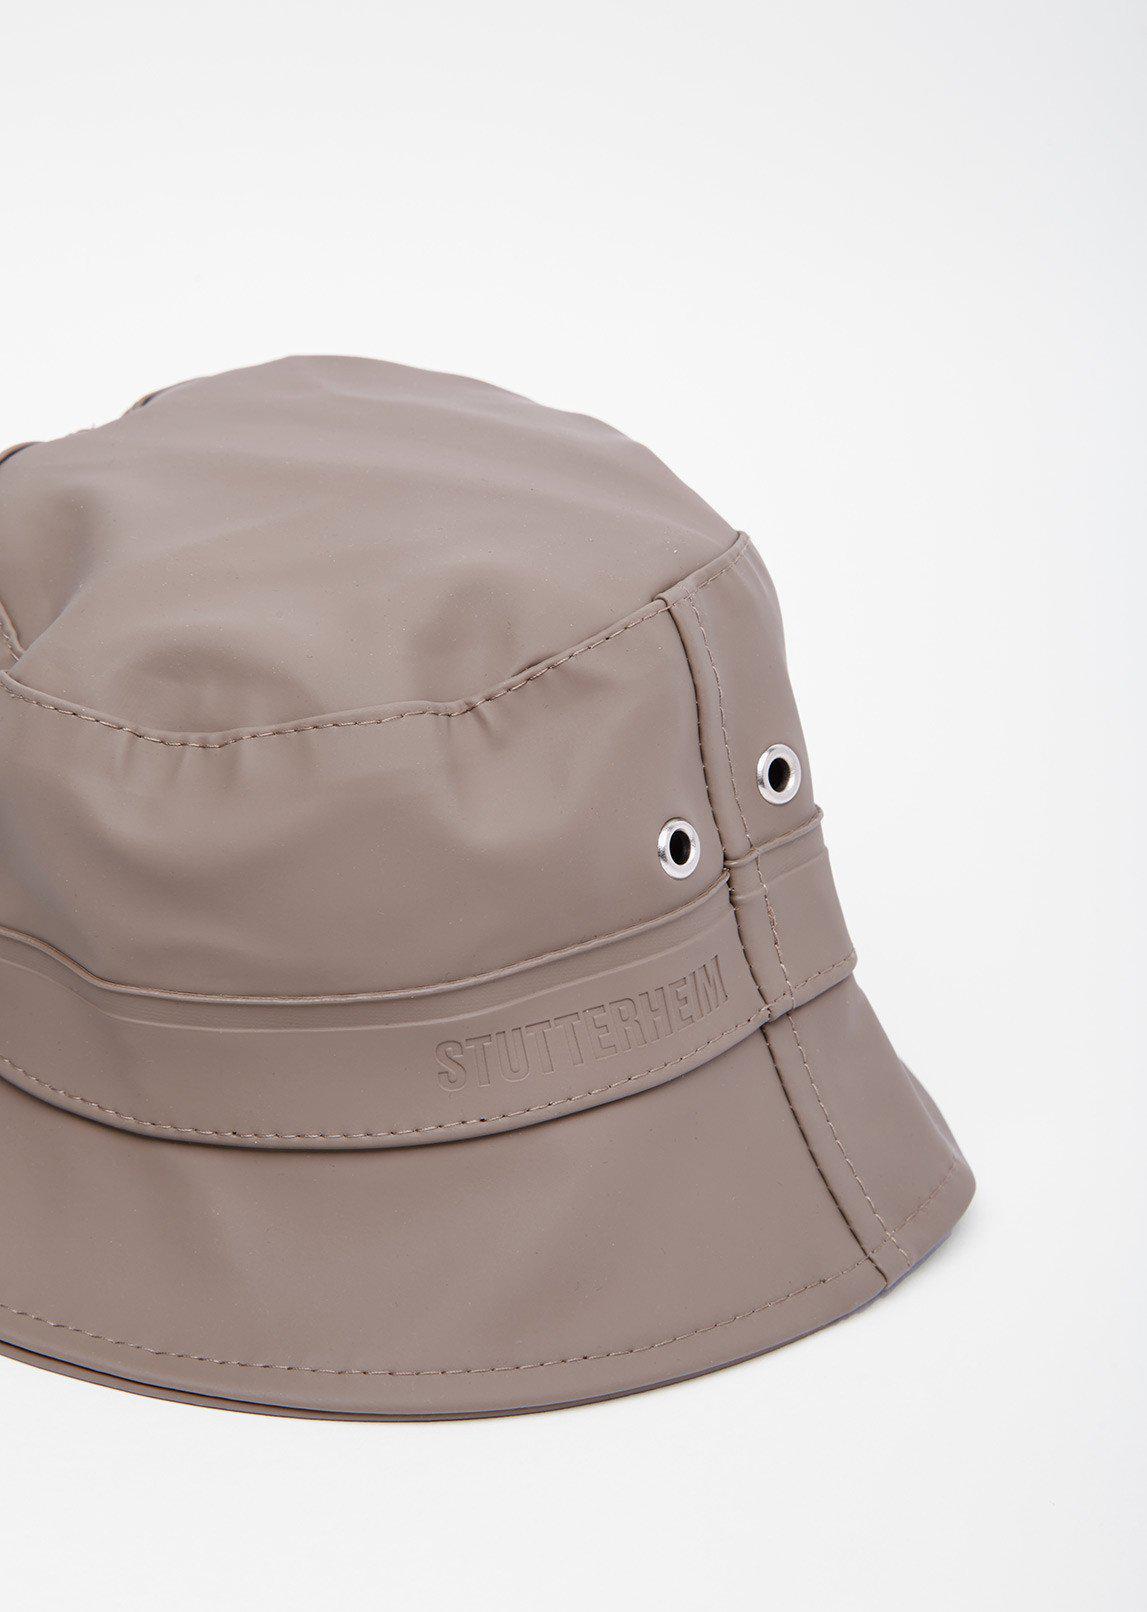 Stutterheim Beckholmen Hat - Lyst 0055c7f58f1d